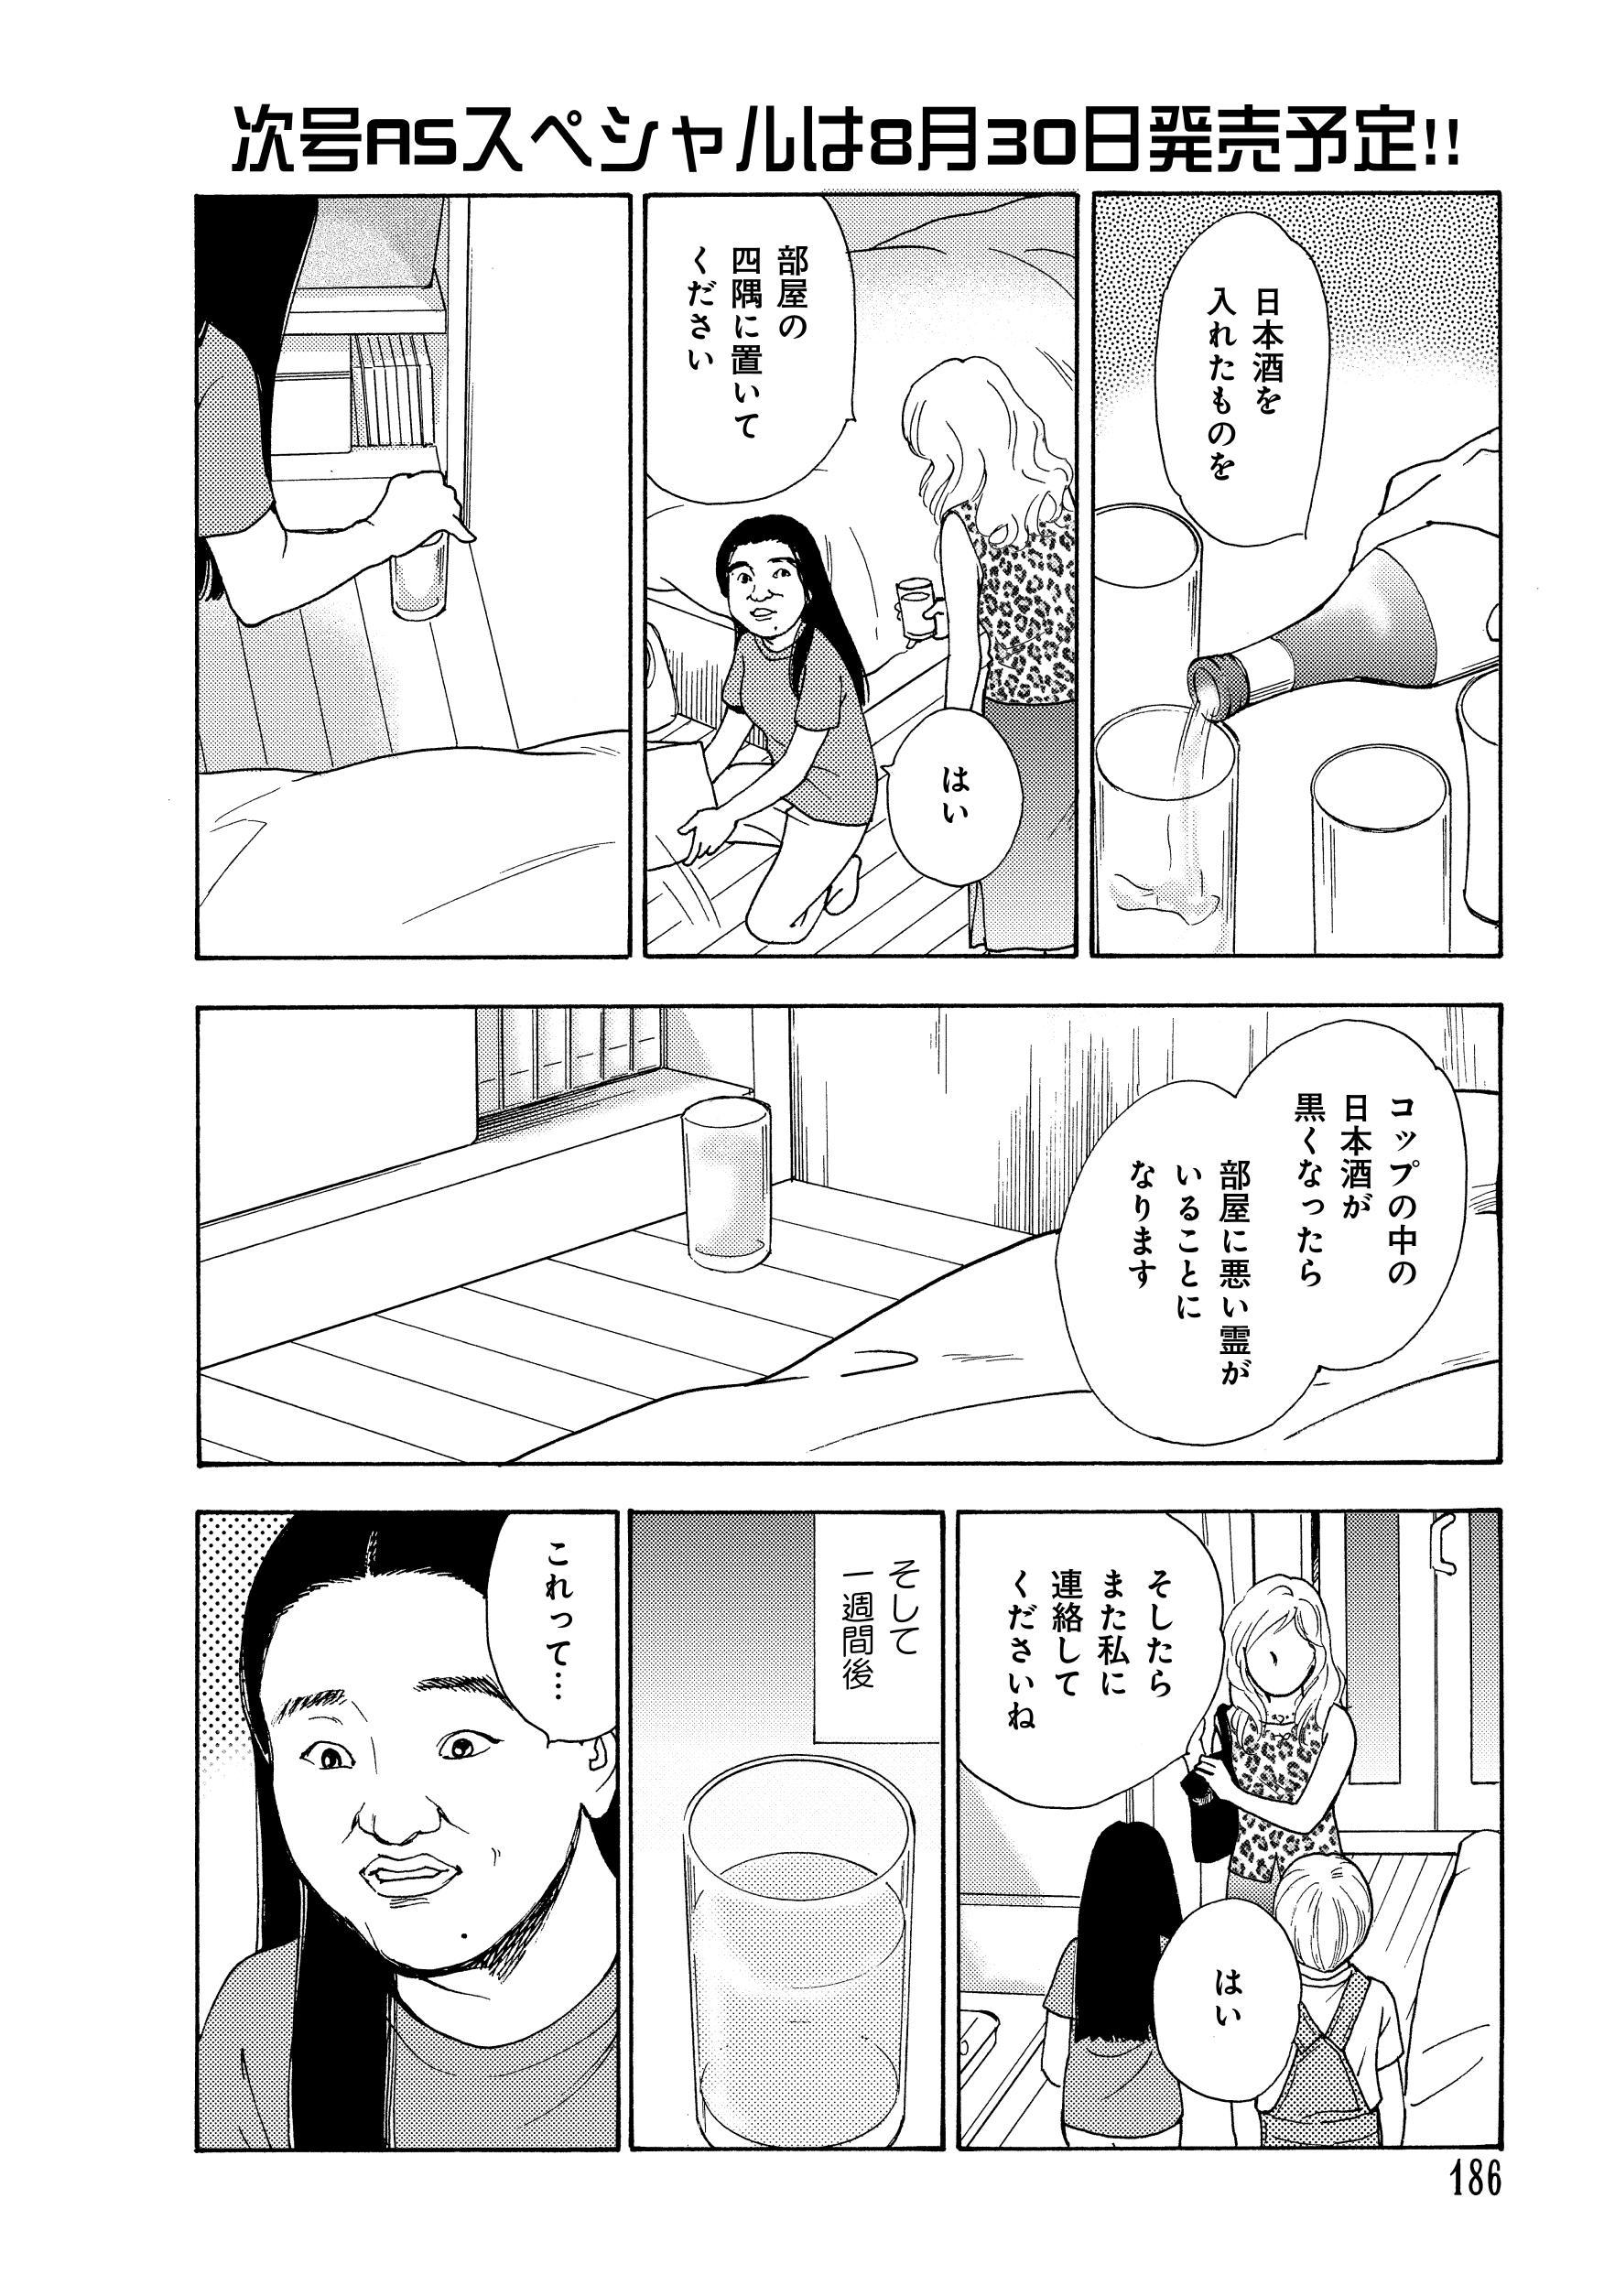 原作特集_186.jpg